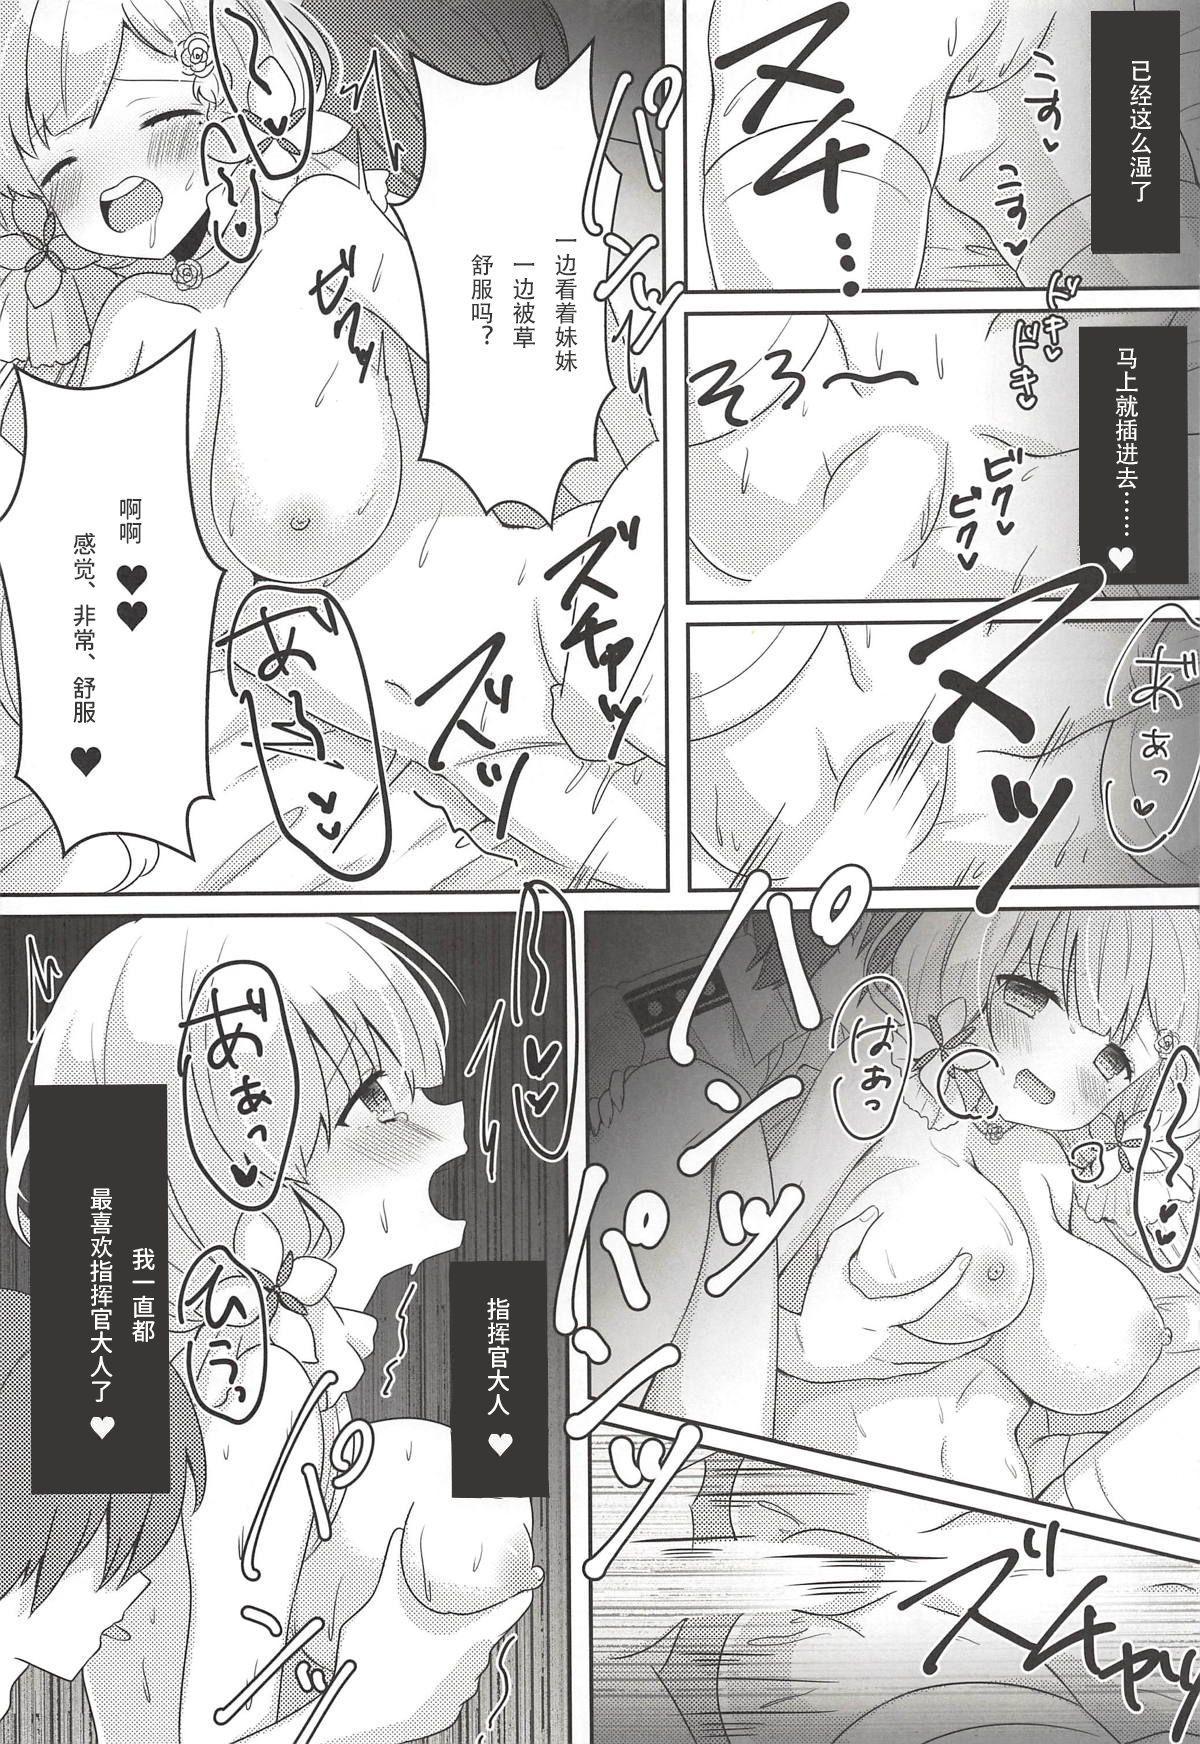 Hanayome no Tonari de 10